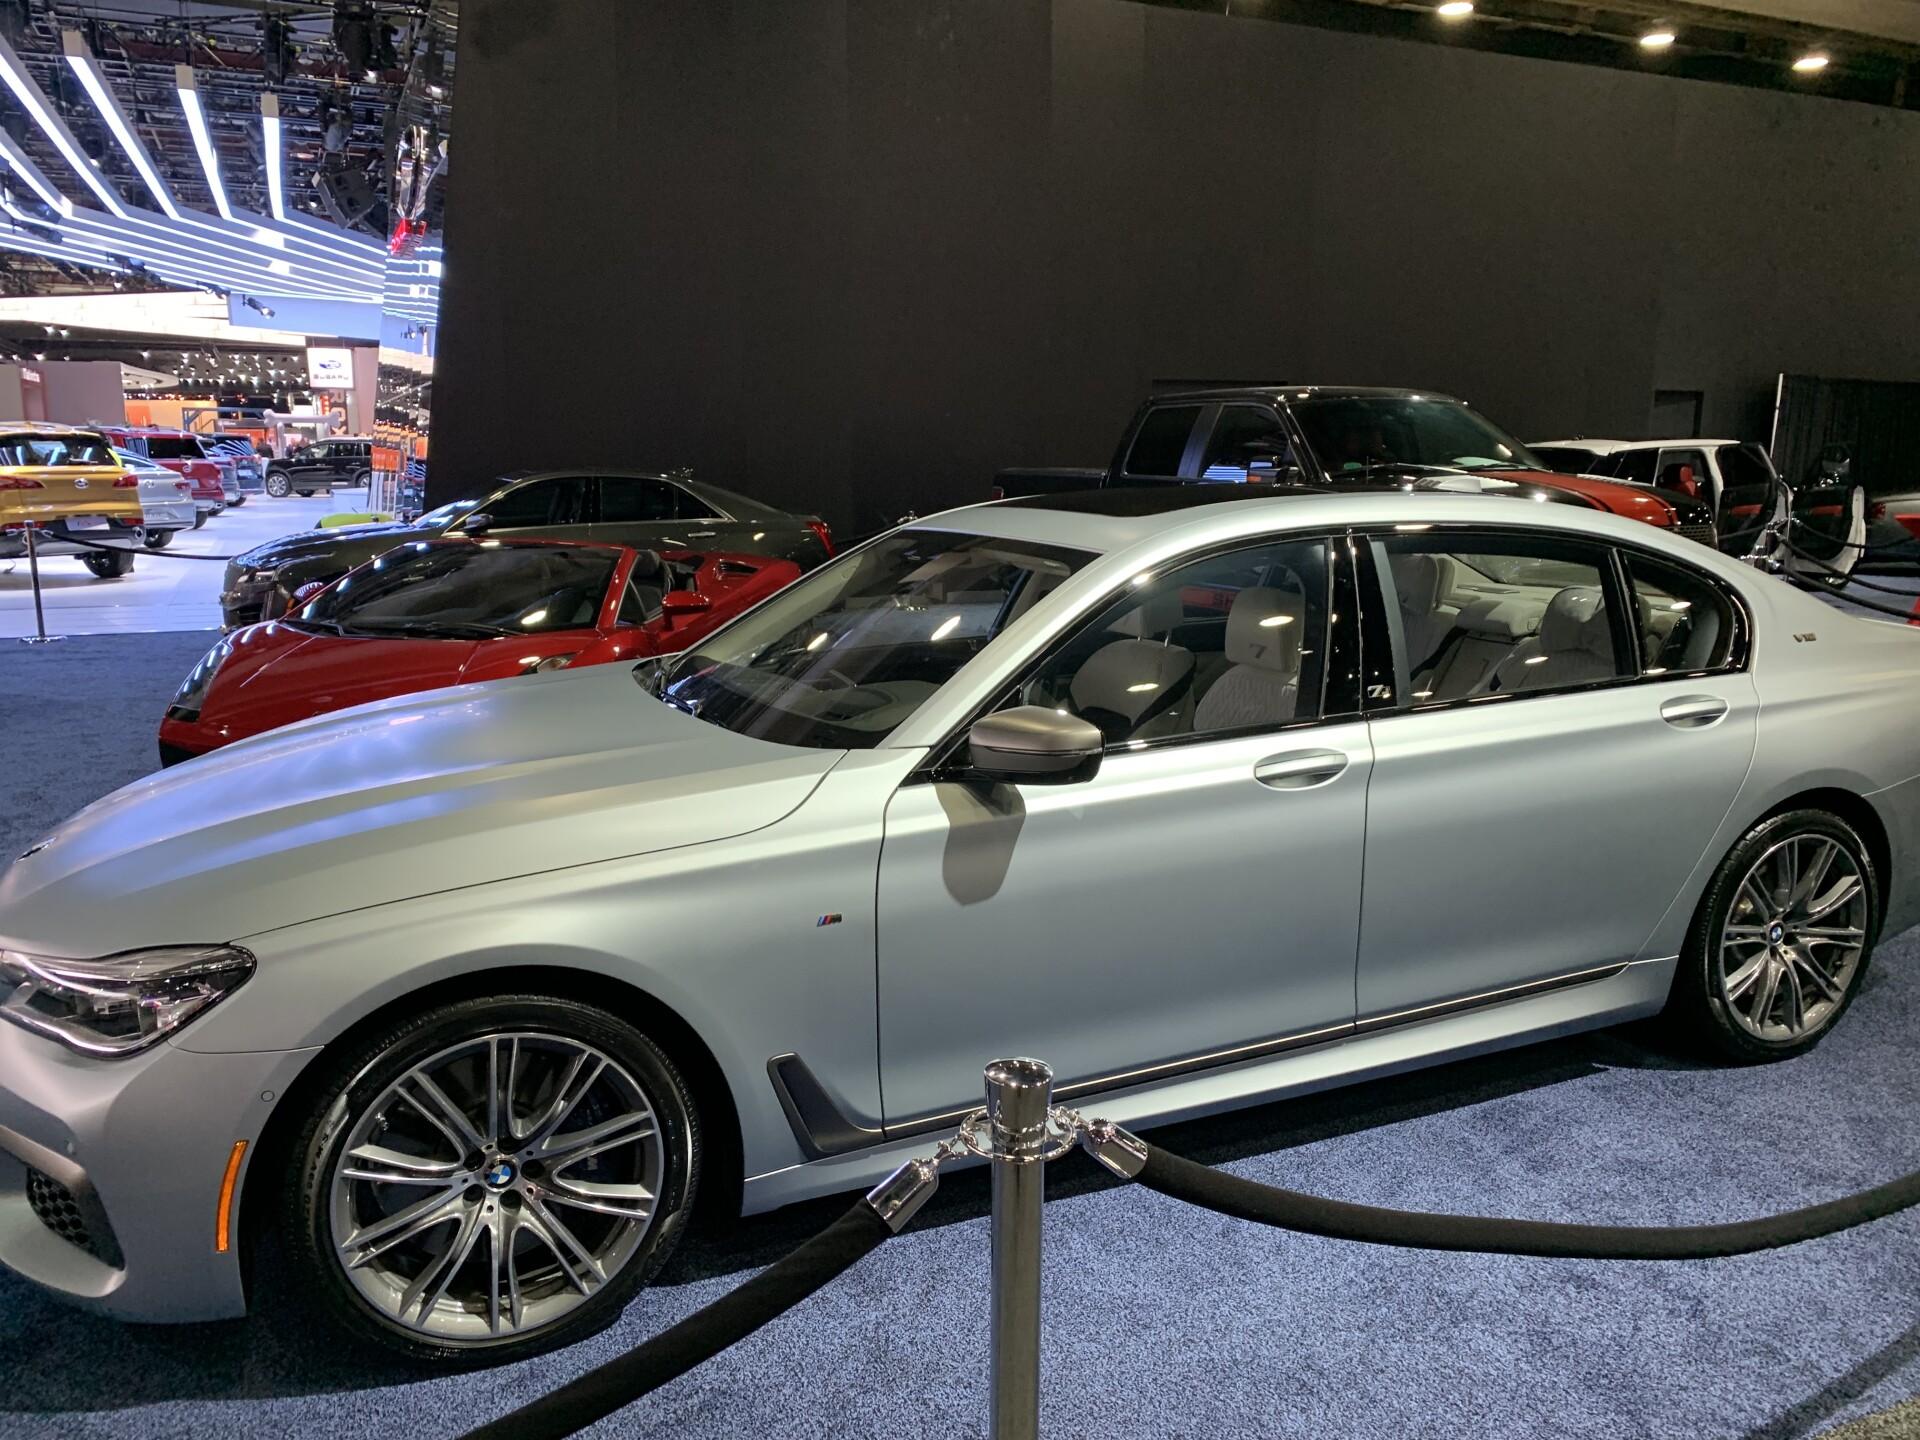 Auto show luxury cars